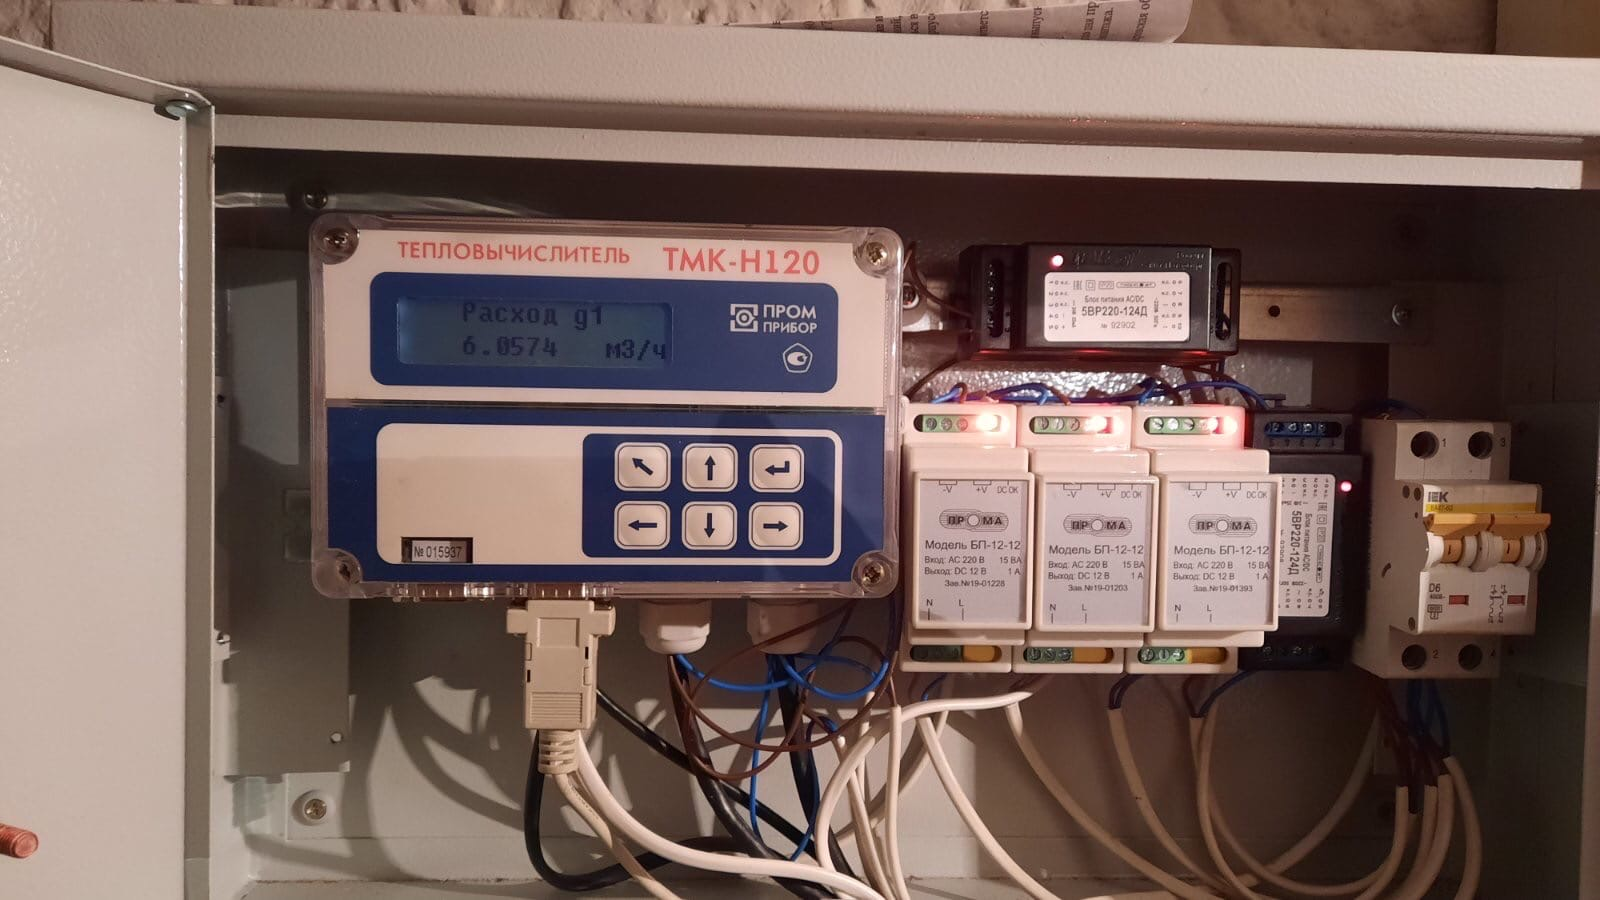 Строителей 9/1 установка расходомеров,теплосчетчика и счетчика на